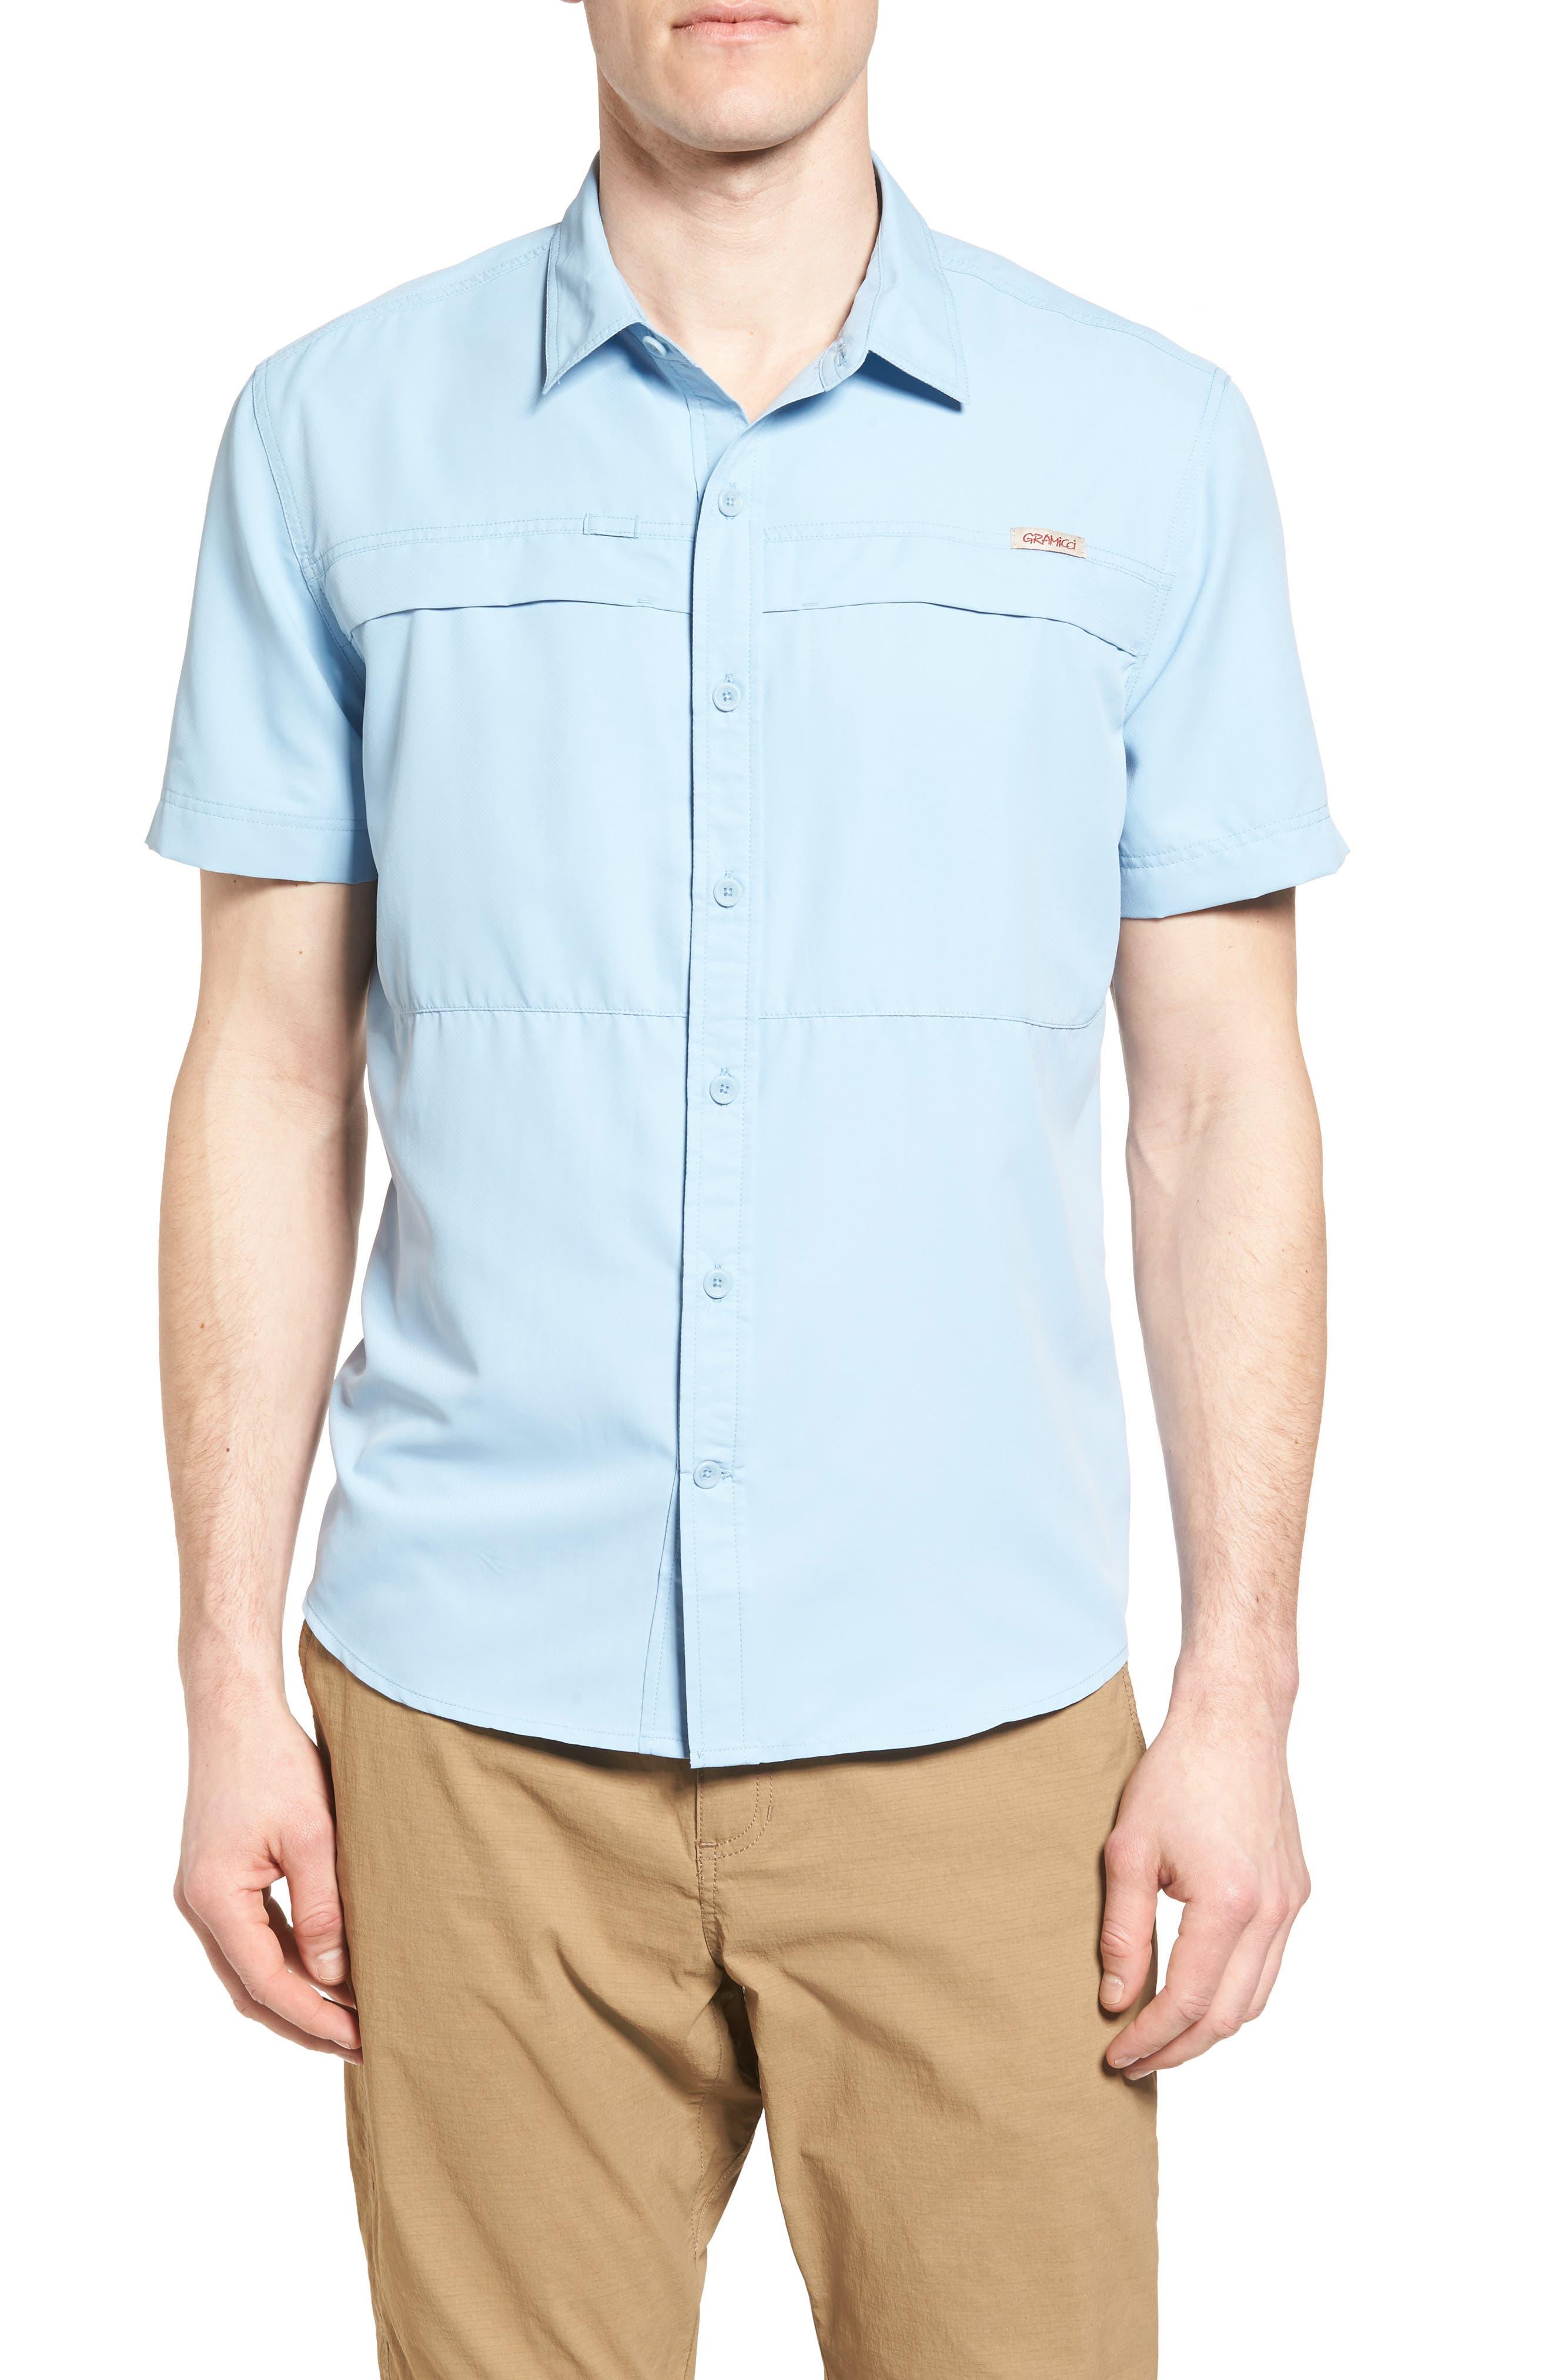 Gramicci Pescador Tech Shirt